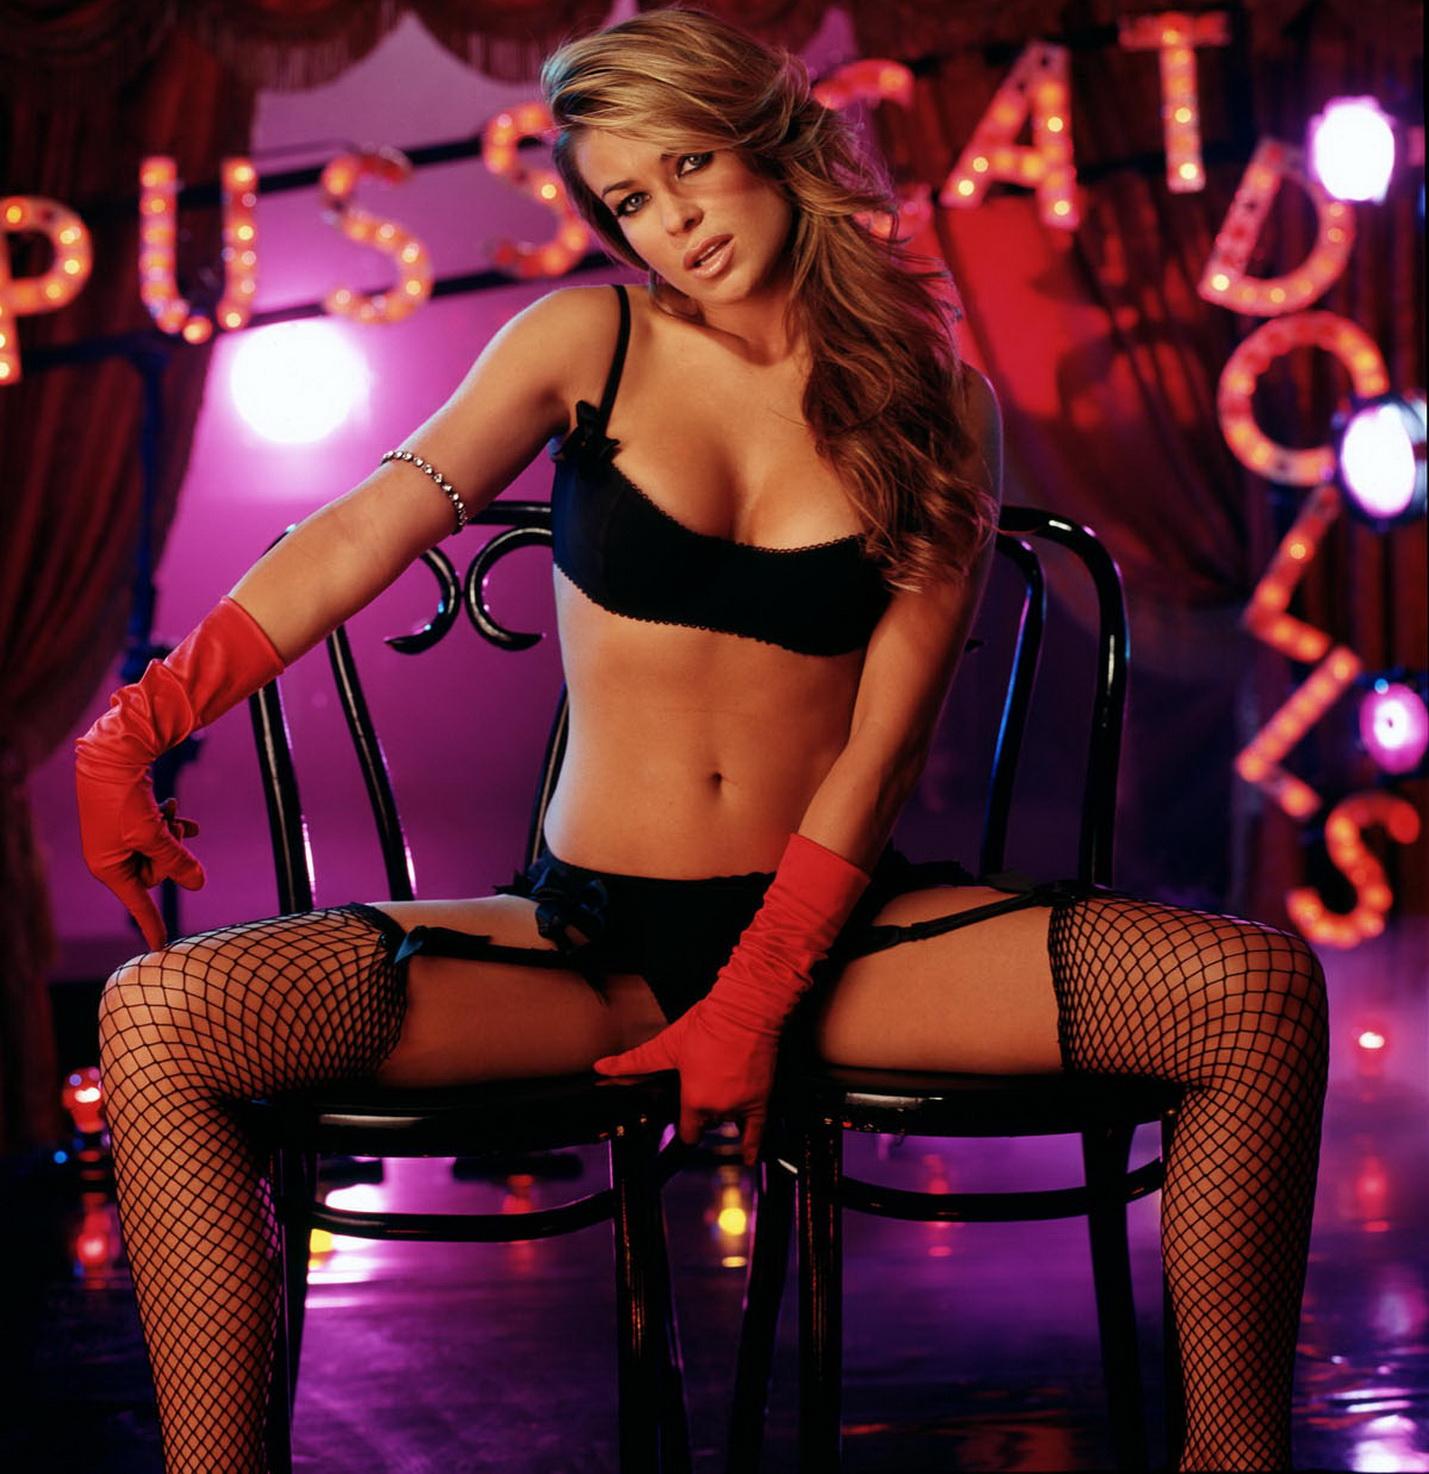 Striptease Dance Hd Porn Pics